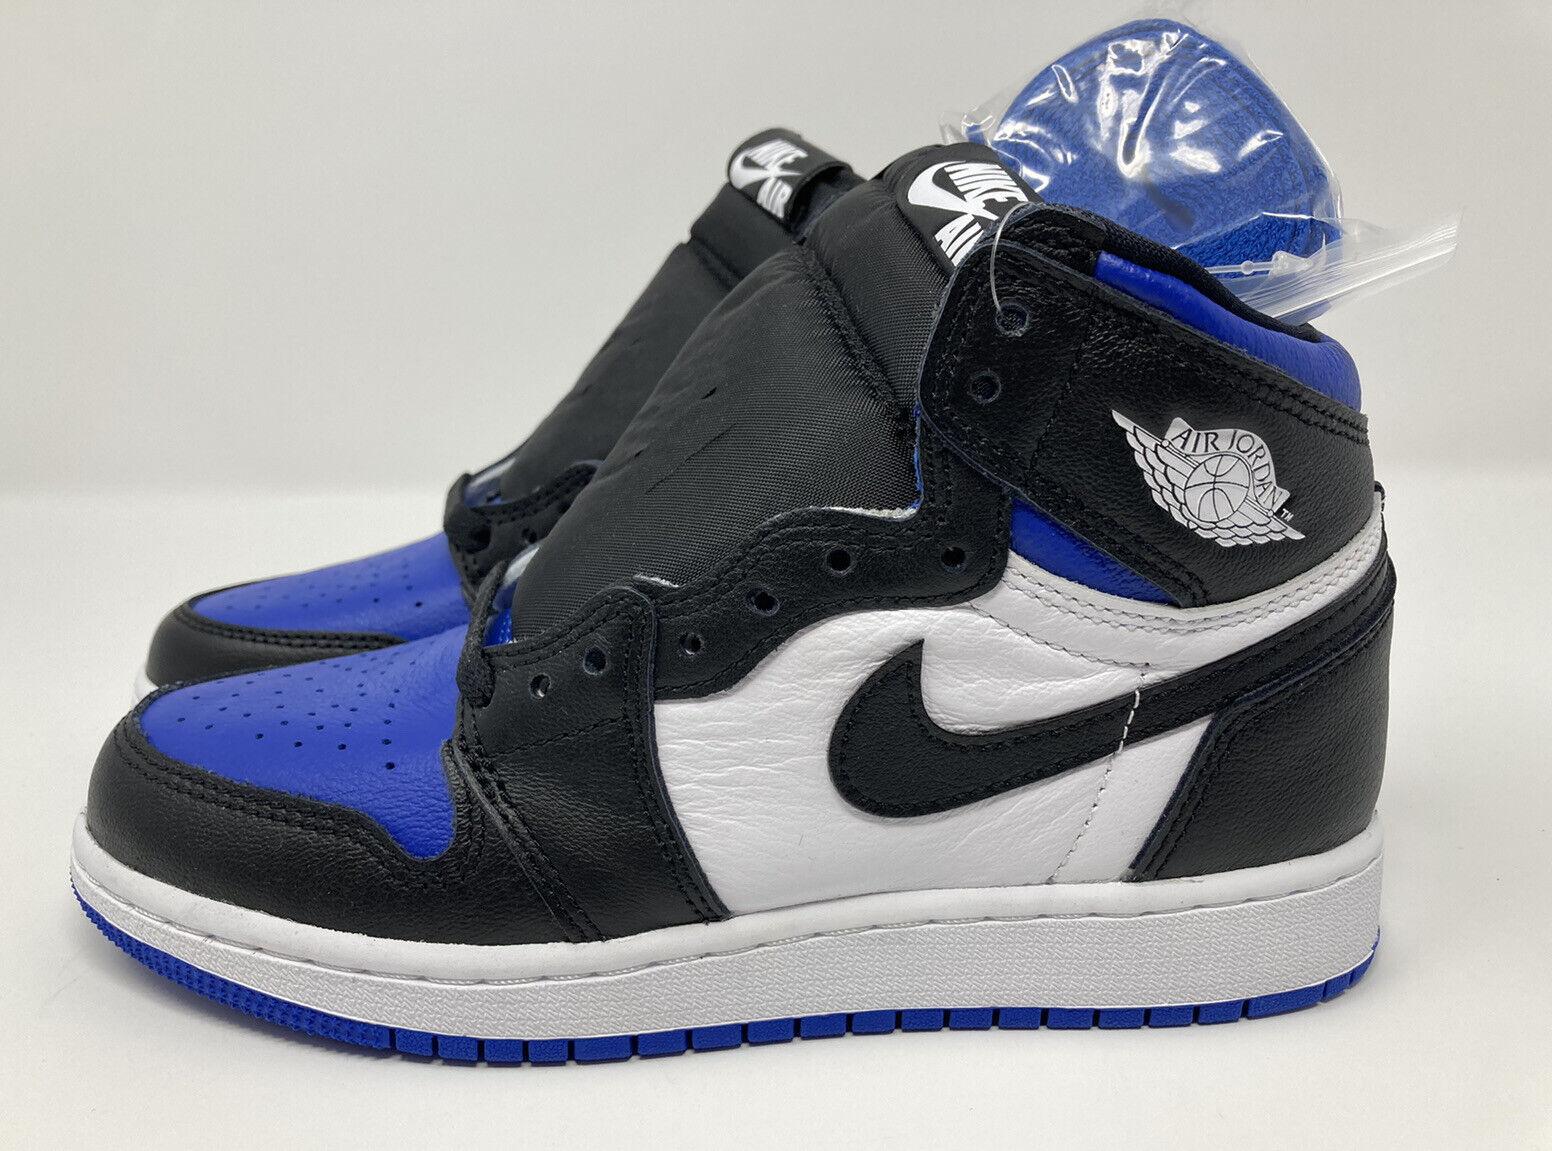 Jordan 1 Retro High OG Royal Toe (GS) 575441-041 Size 4Y Women's 5.5 Brand New